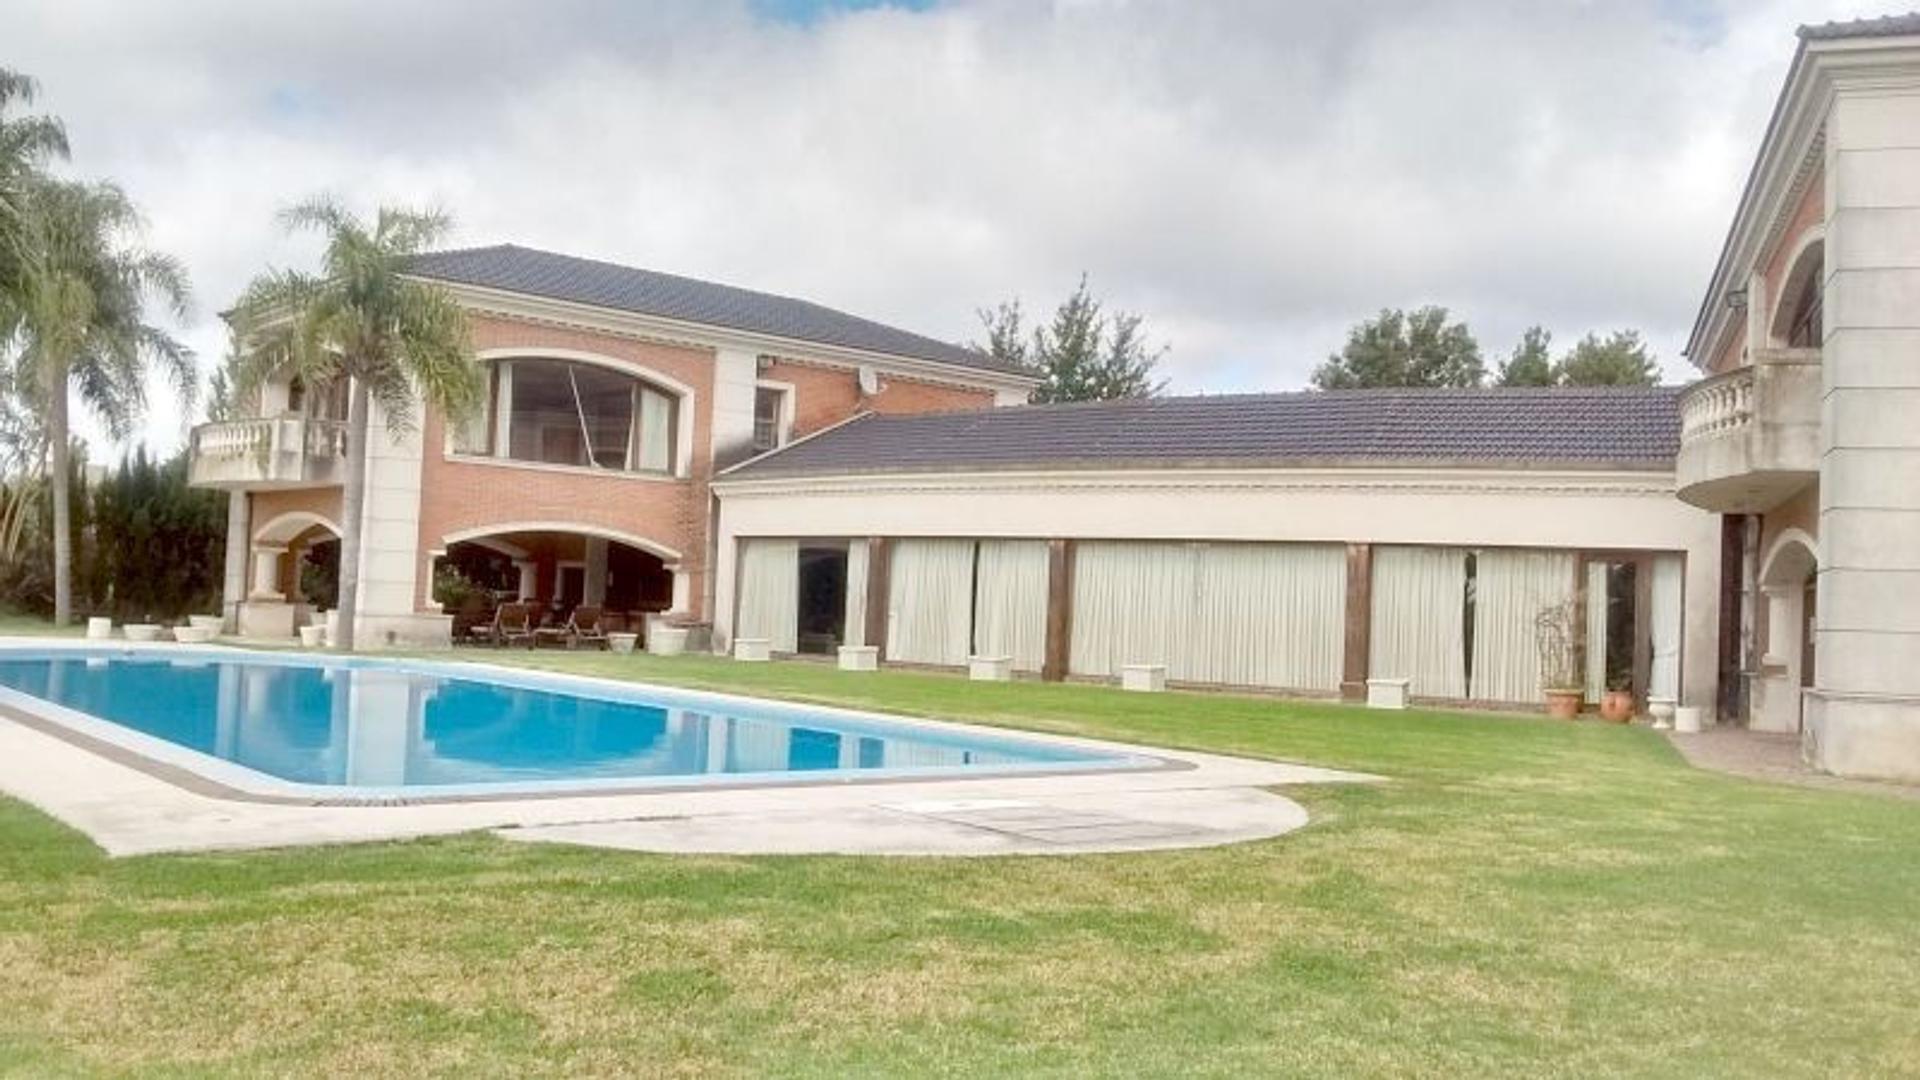 Imponente casa en Country Náutico Escobar